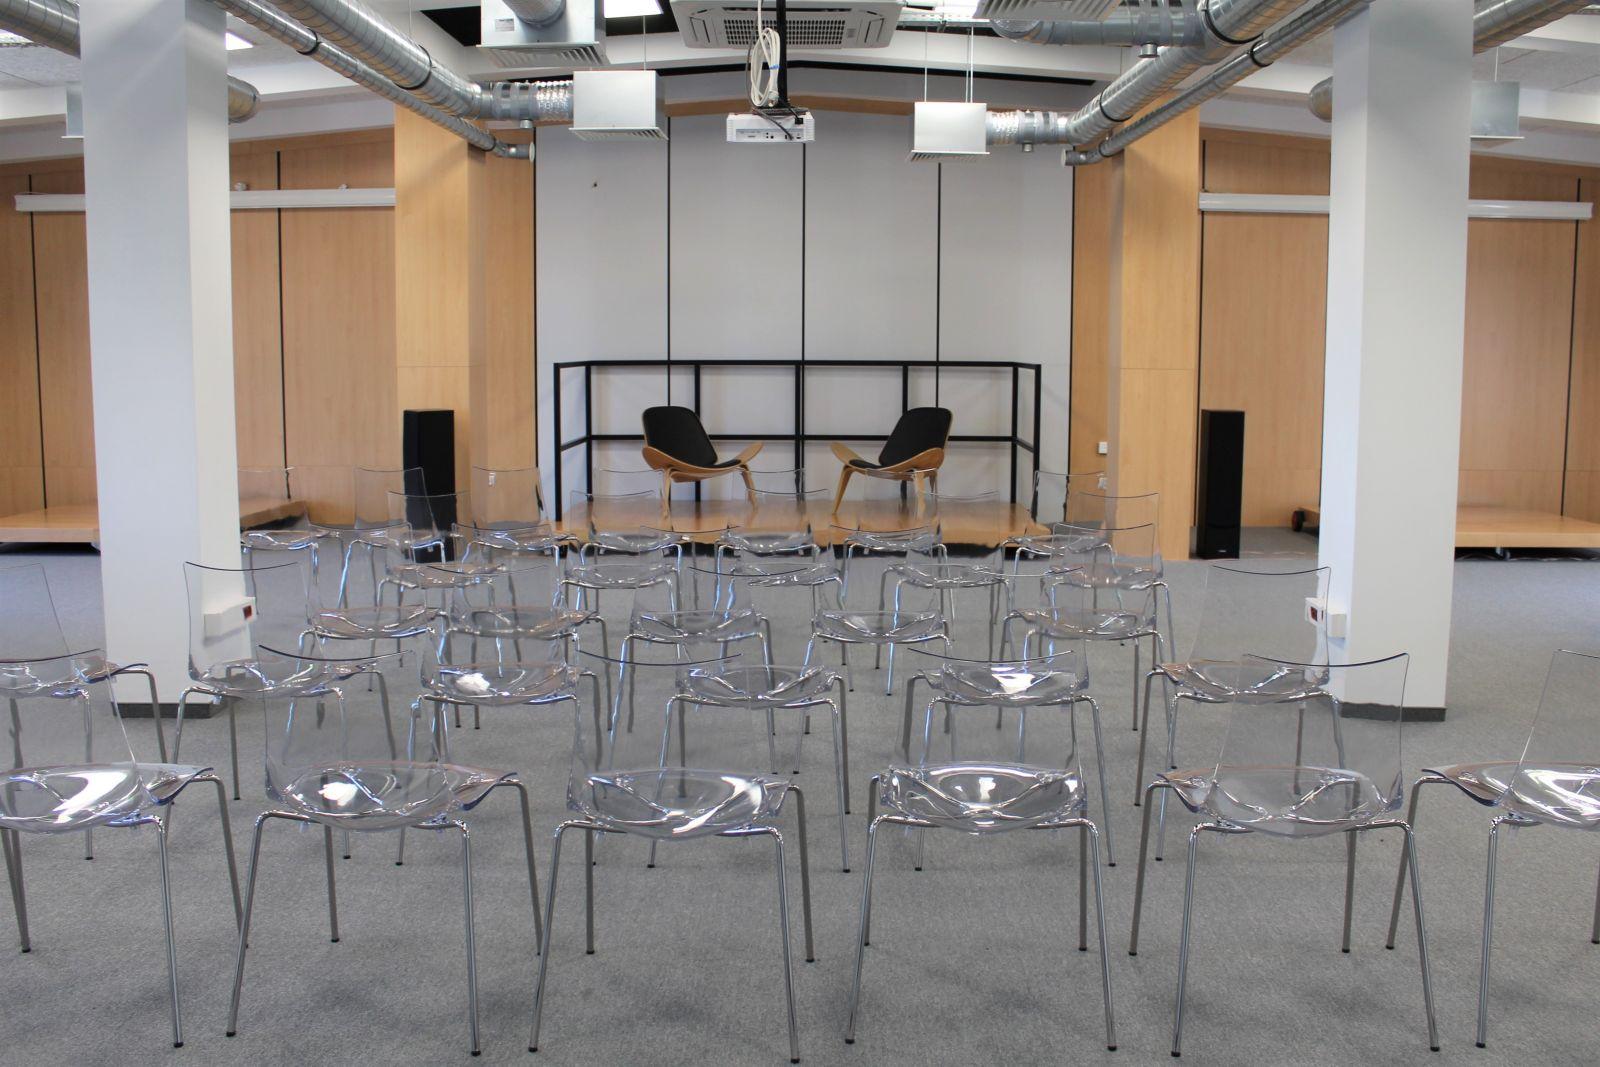 Fotografia sali konferencyjnej. Przeźroczyste krzesła w jasnym pomieszczeniu. Na środku scena.